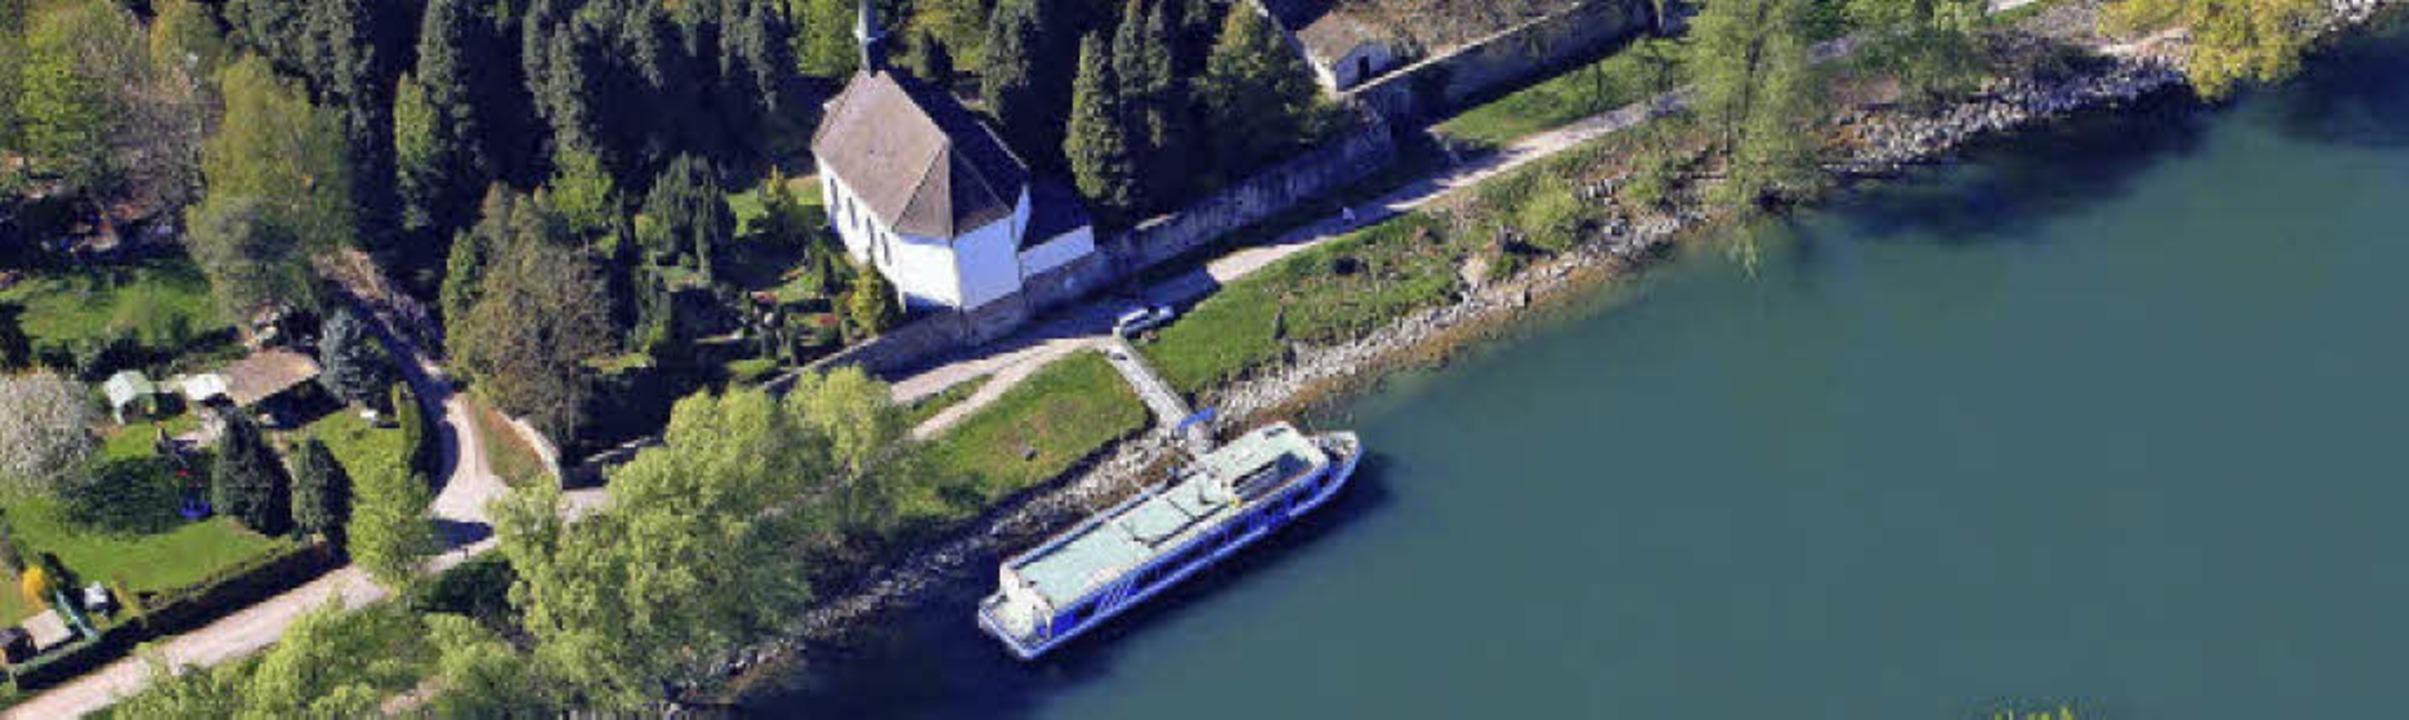 Bad Säckingen braucht ein neues Konzept für den Tourismus.     Foto: Erich Meyer